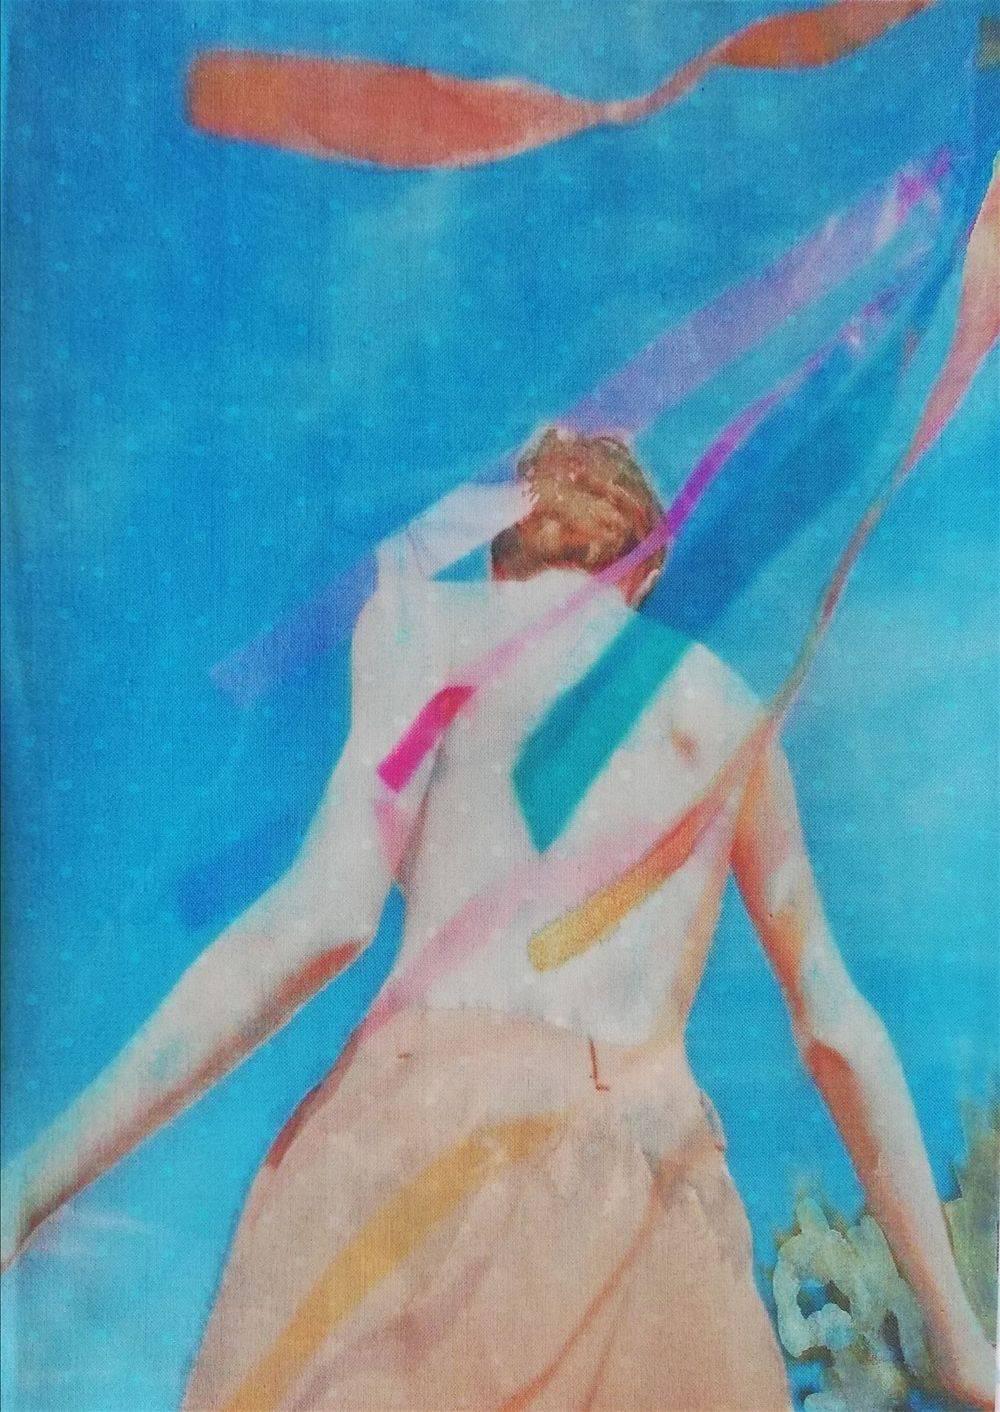 Aquarelle, Textile, Femme, Histoire de l'art, Portrait